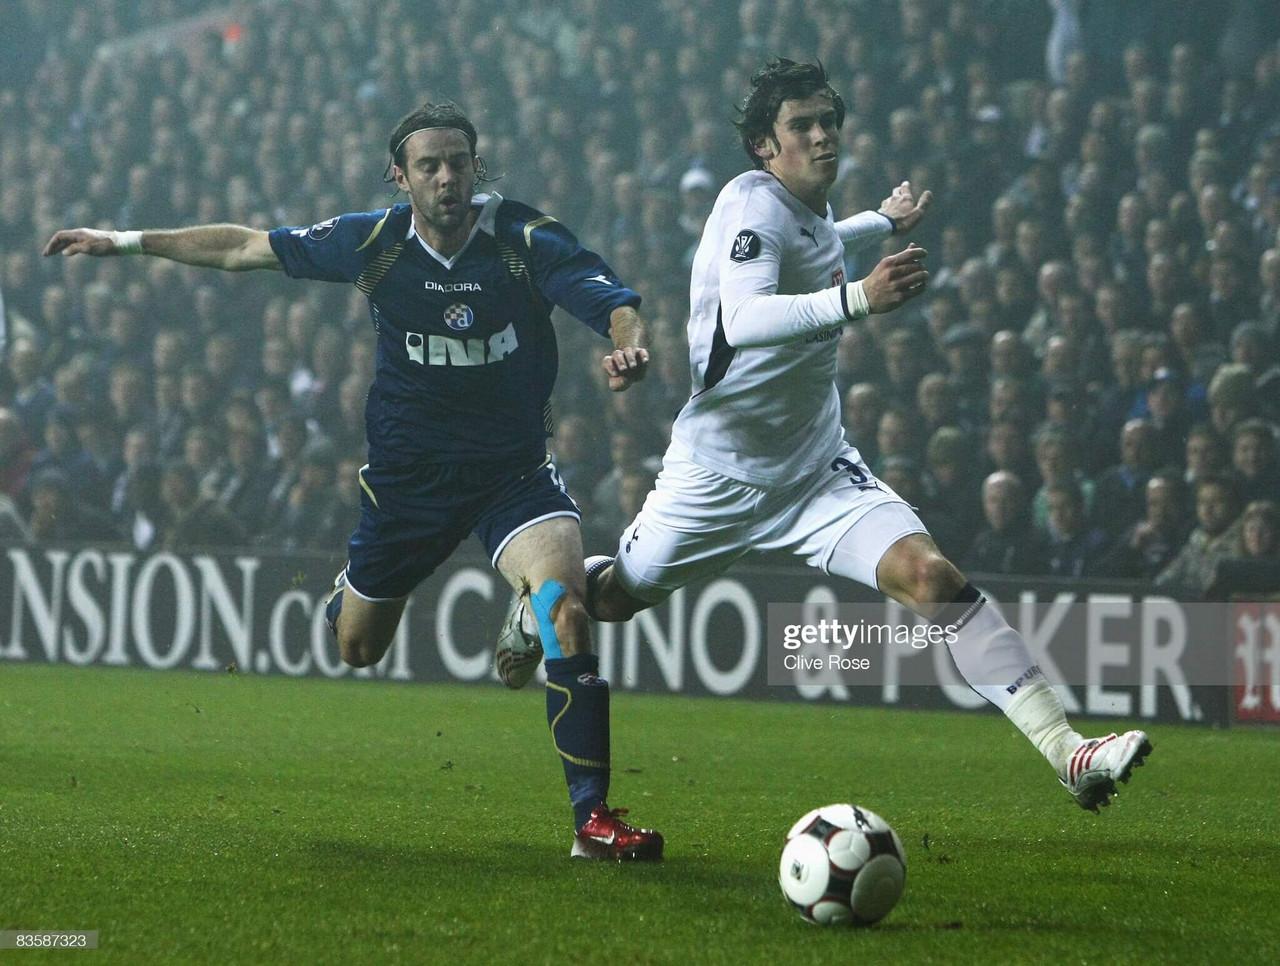 Tottenham to playDinamo Zagrebin Round of 16